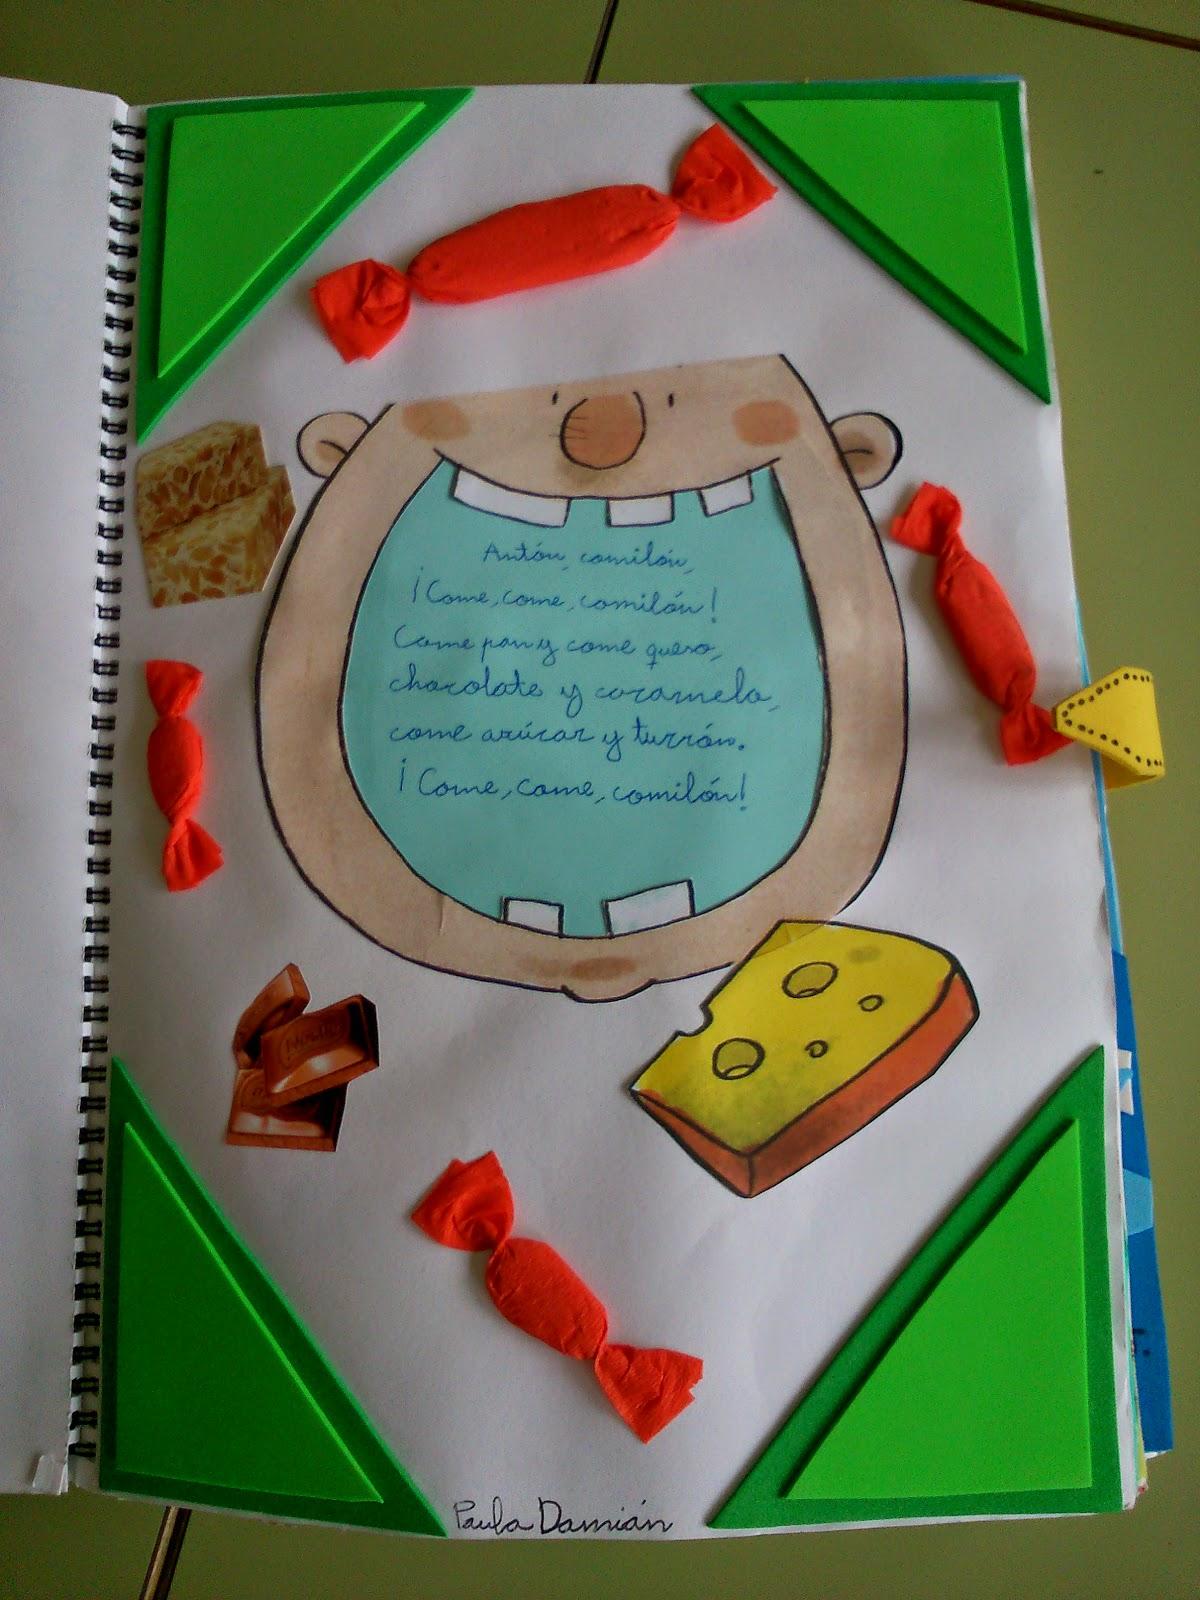 Libro viajero 8 imagenes educativas - Ideas libro viajero infantil ...